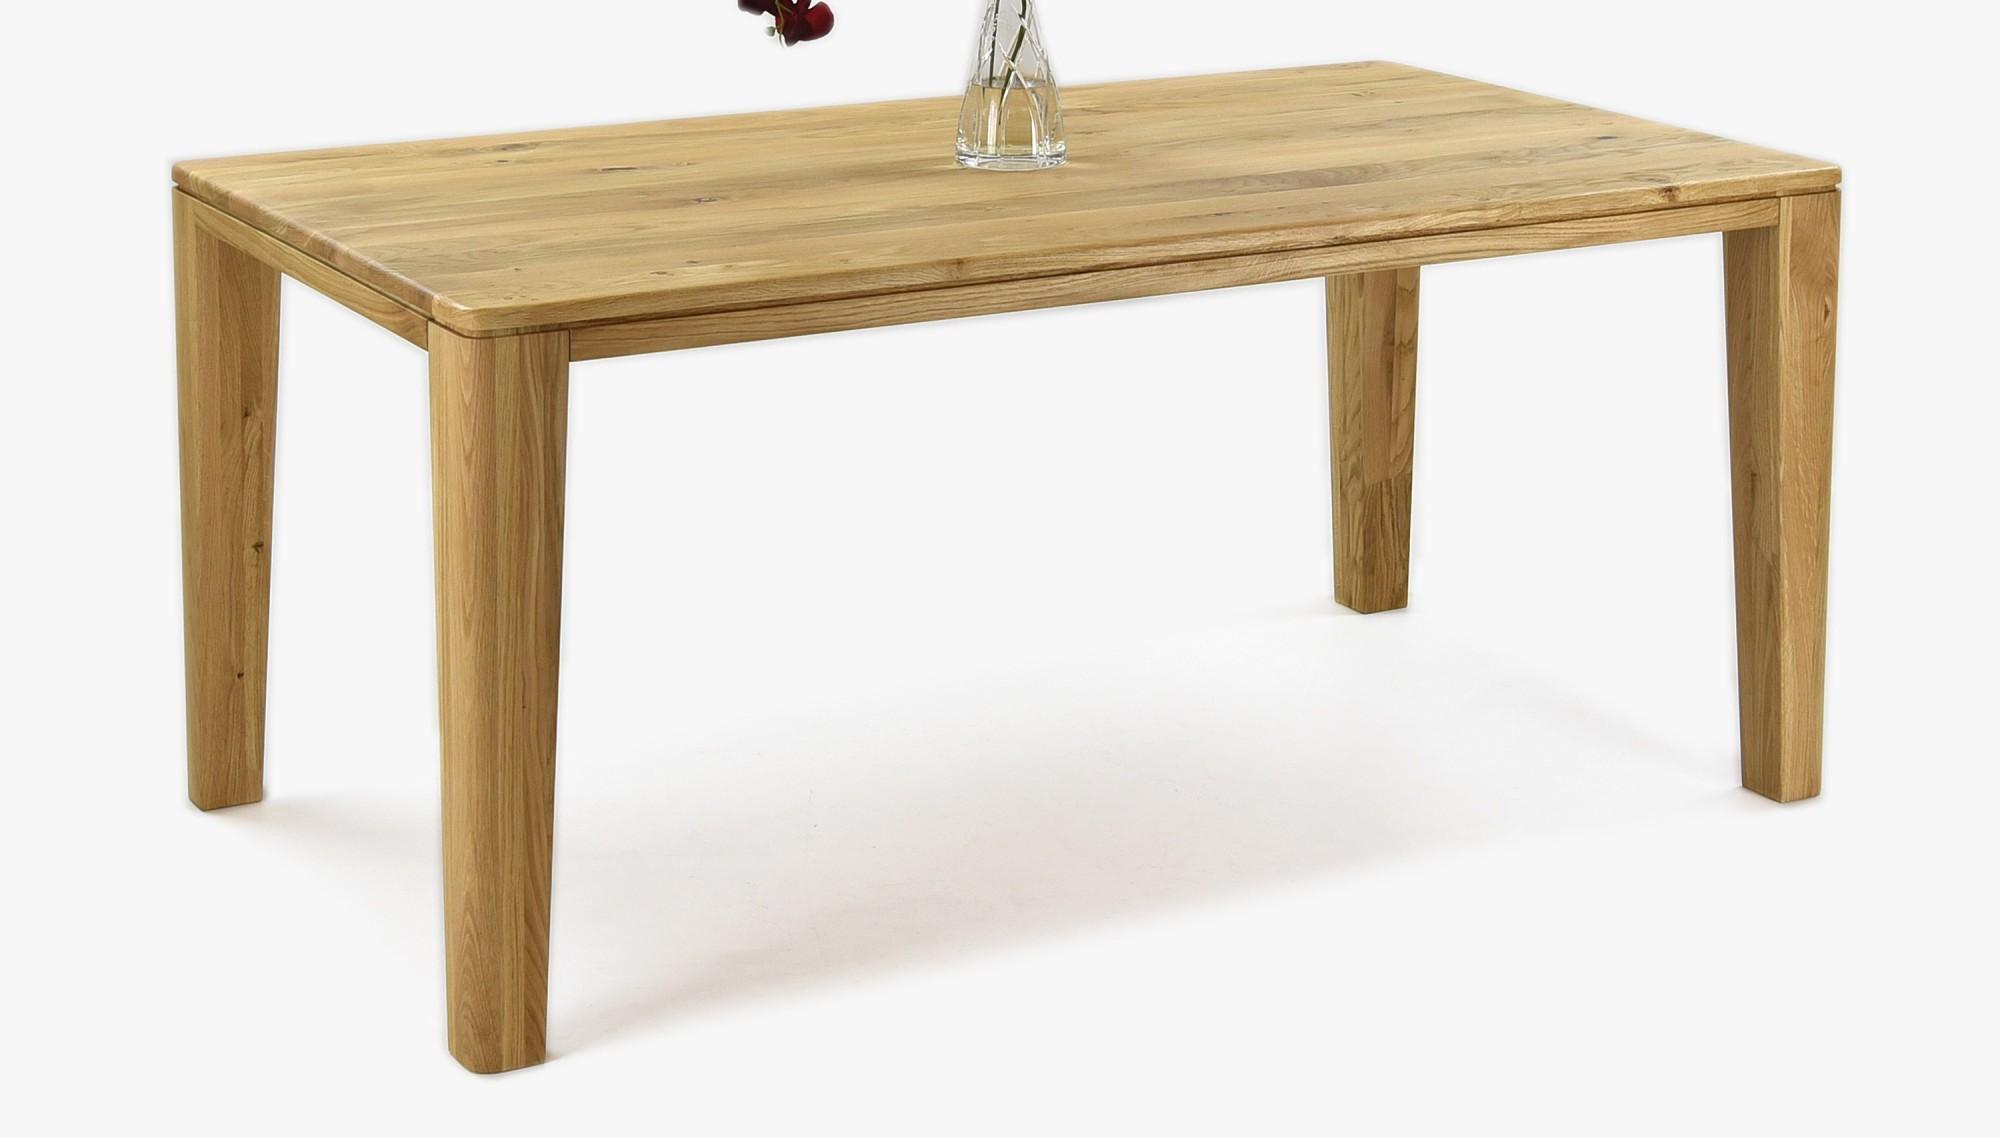 Pevný dubový stôl do jedálne  od firmy MIREK